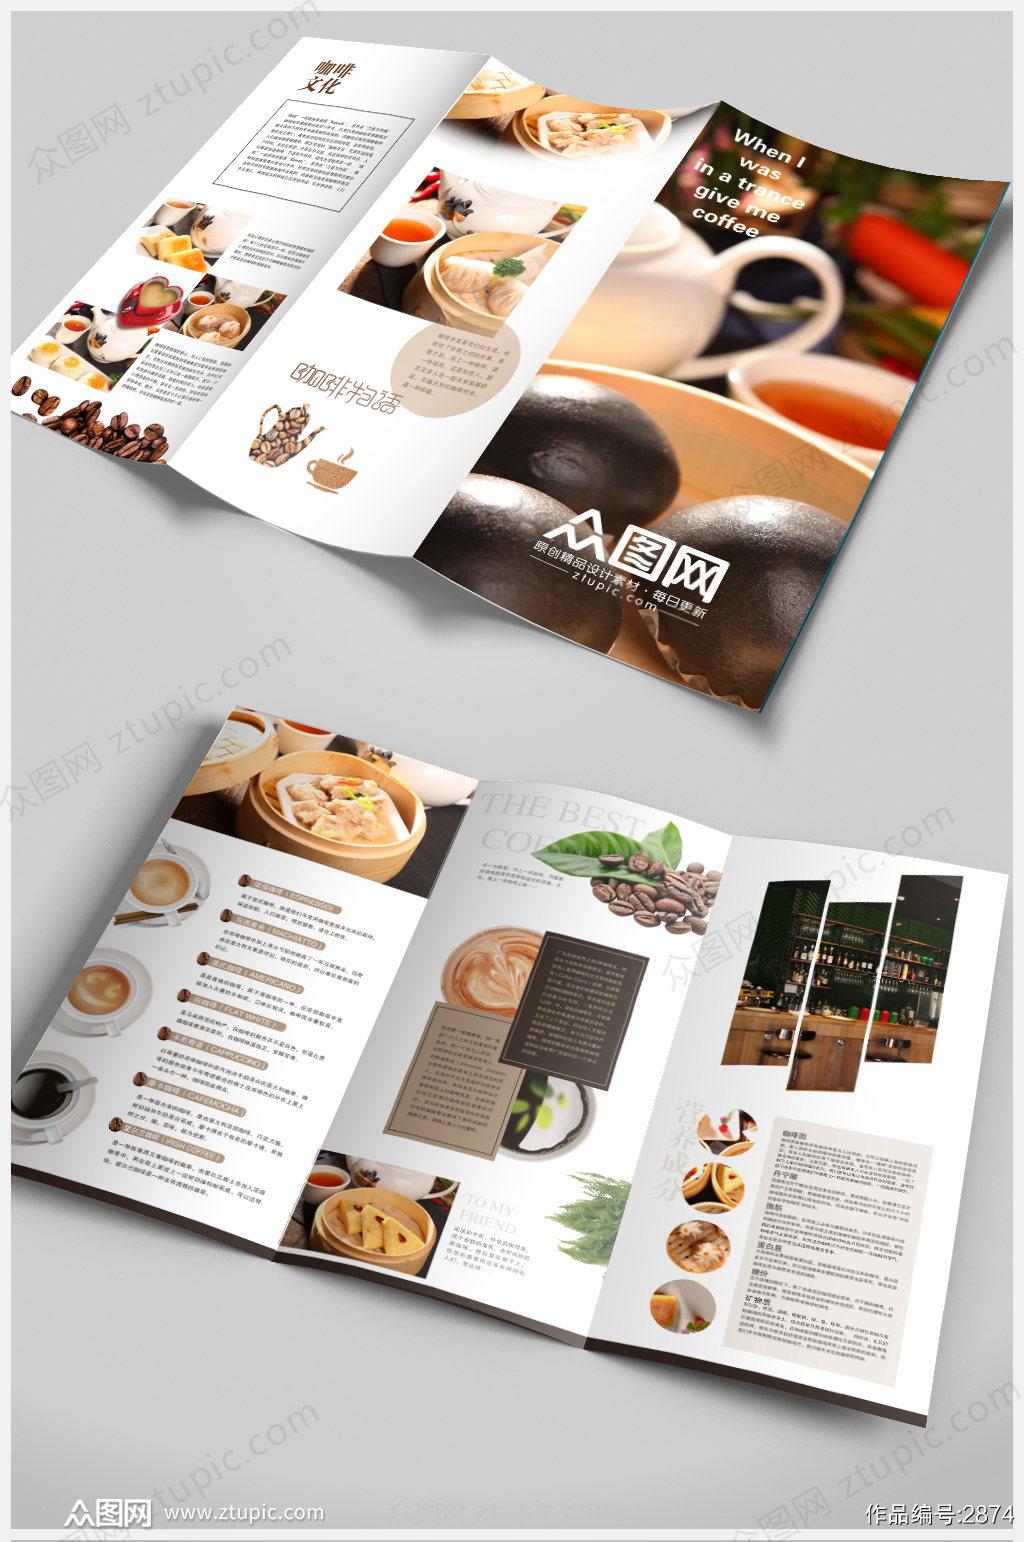 高档中餐美食茶餐厅菜单三折页素材